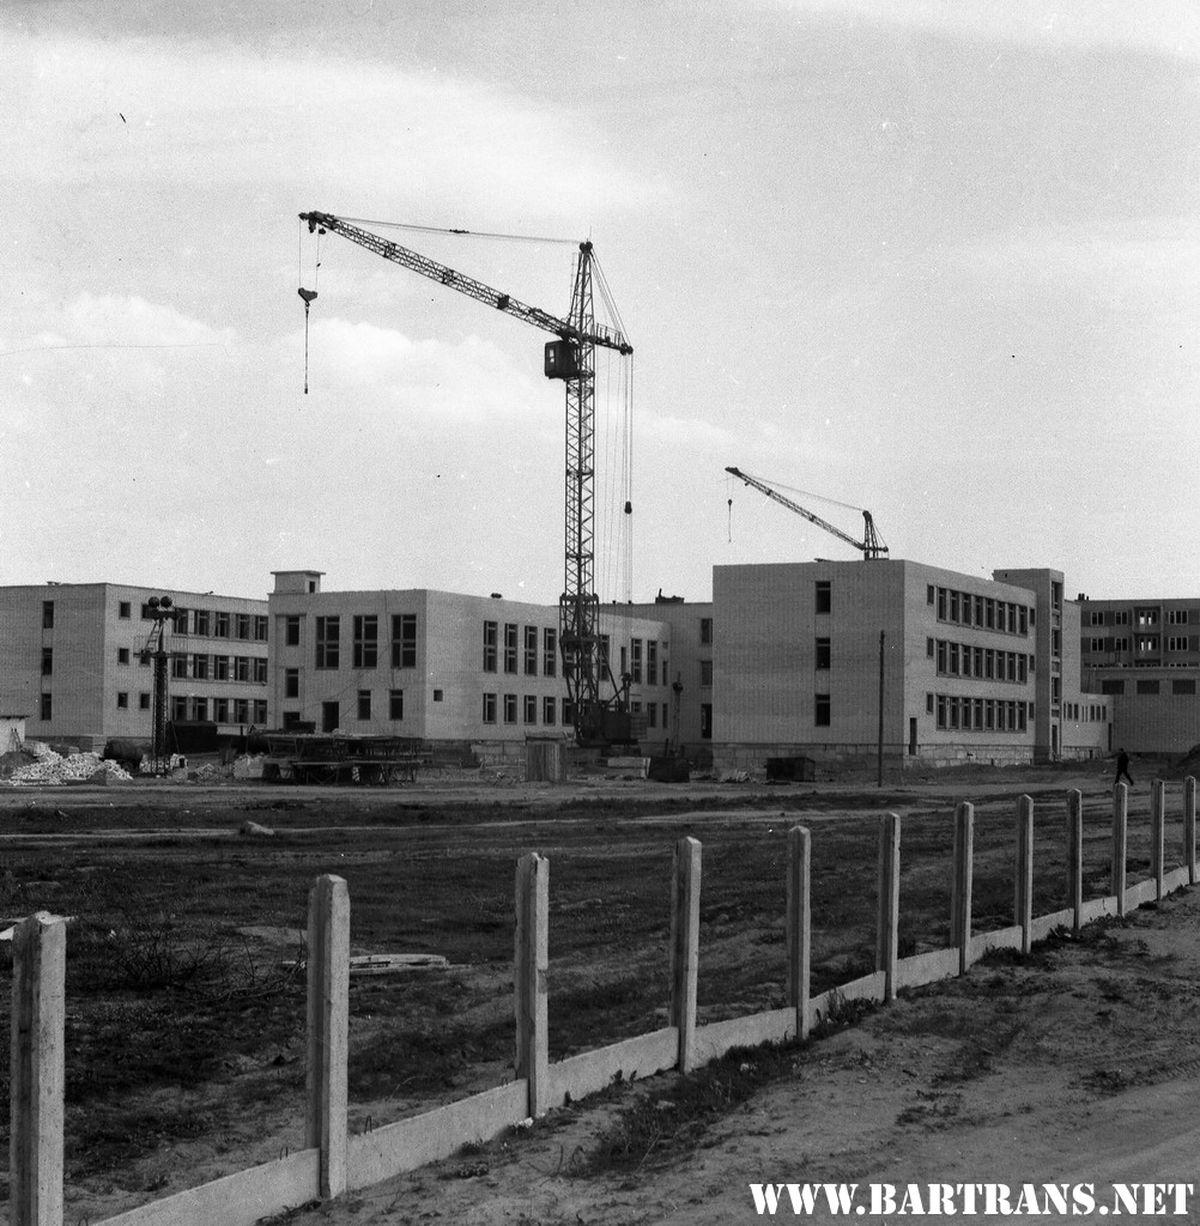 Строительство средней школы №17, ул. Циолковского, июнь 1975 года. Фото: И.И. Сапега, сайт bartrans.net